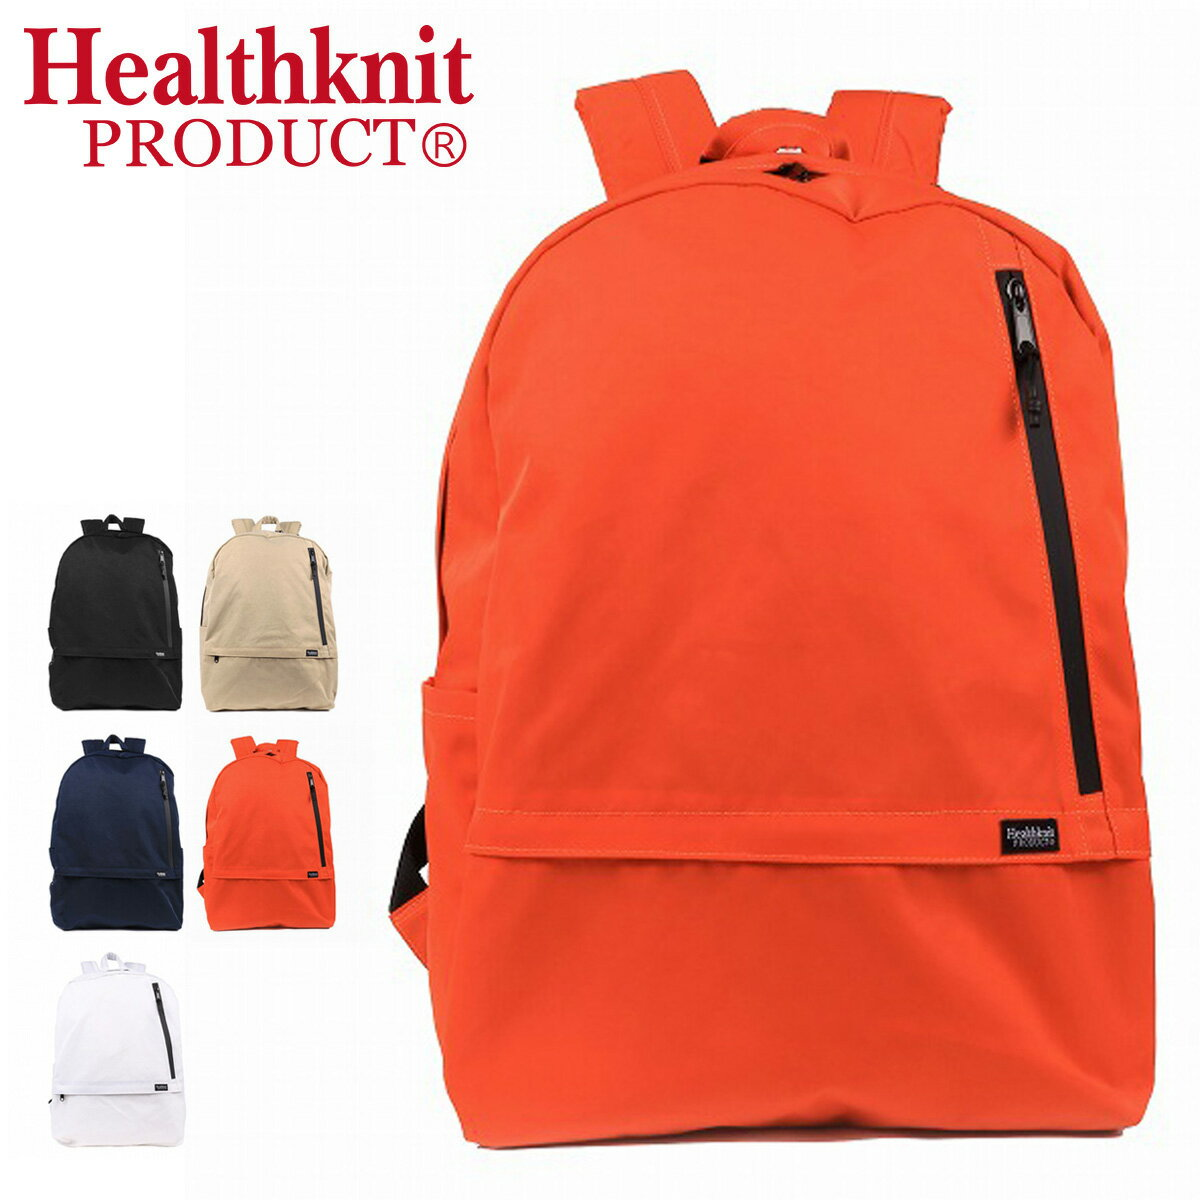 ヘルスニット リュック 15L メンズ レディース HKB-1156 Healthknit PRODUCT ヘルスニットプロダクト | リュックサック バックパック 撥水 ナイロン[PO10]